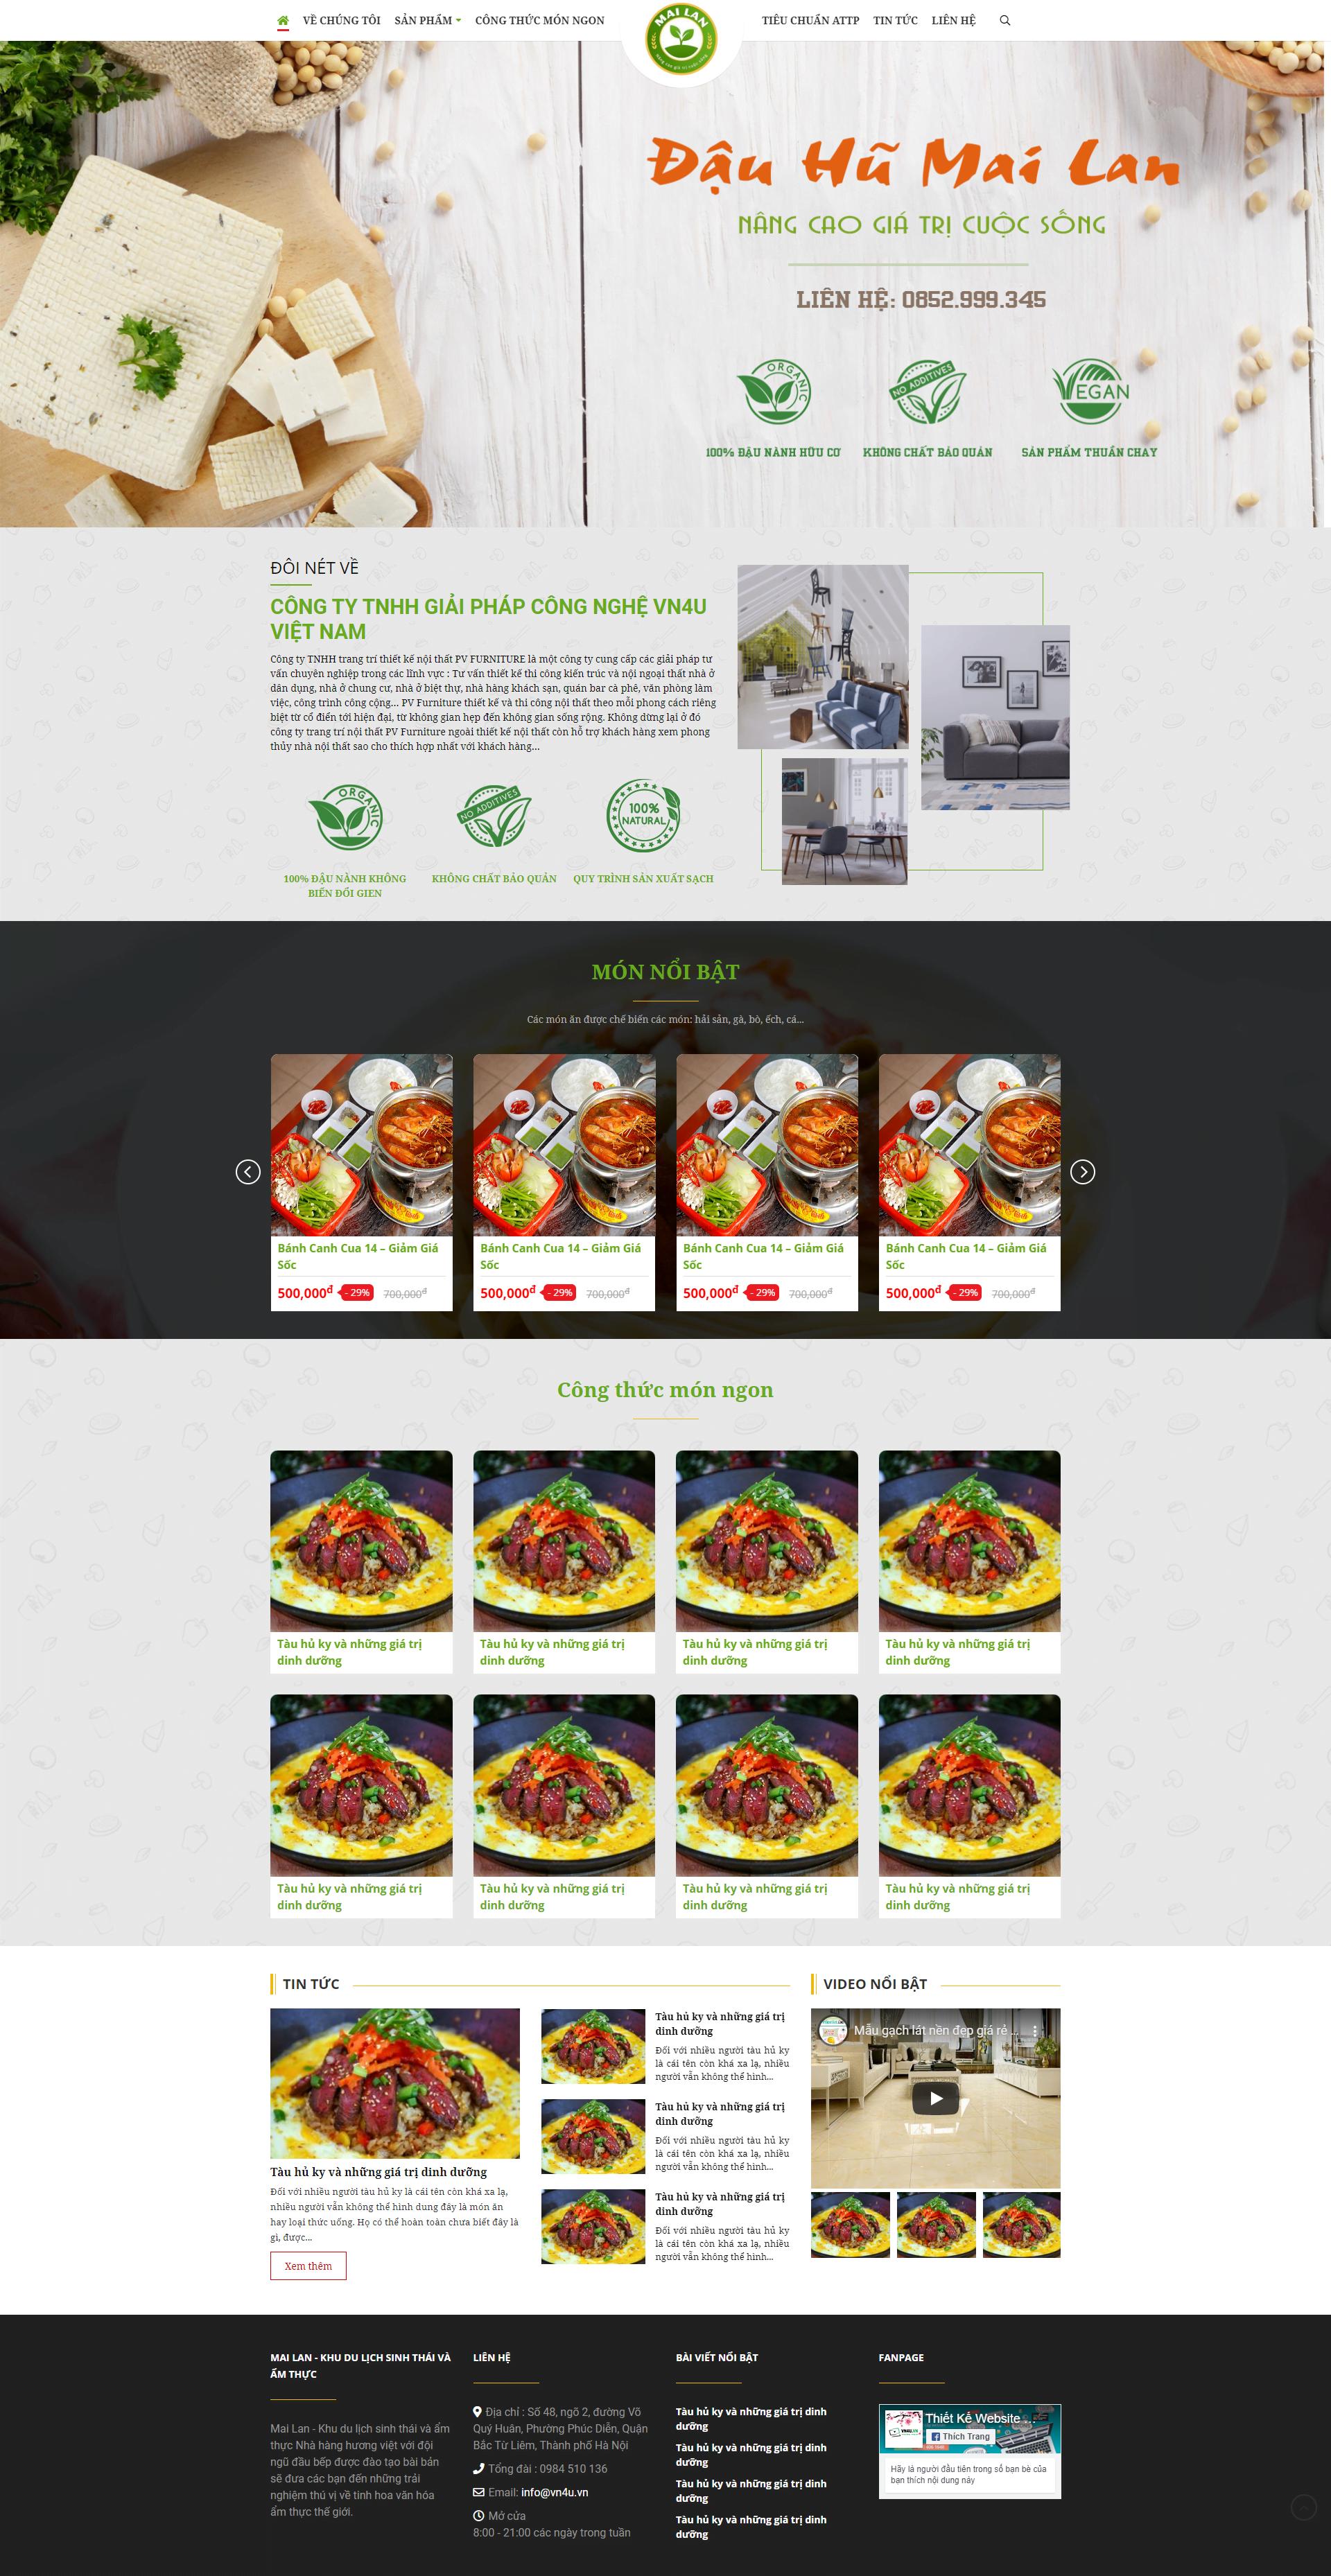 Mẫu thiết kế website nhà hàng Mai Lan